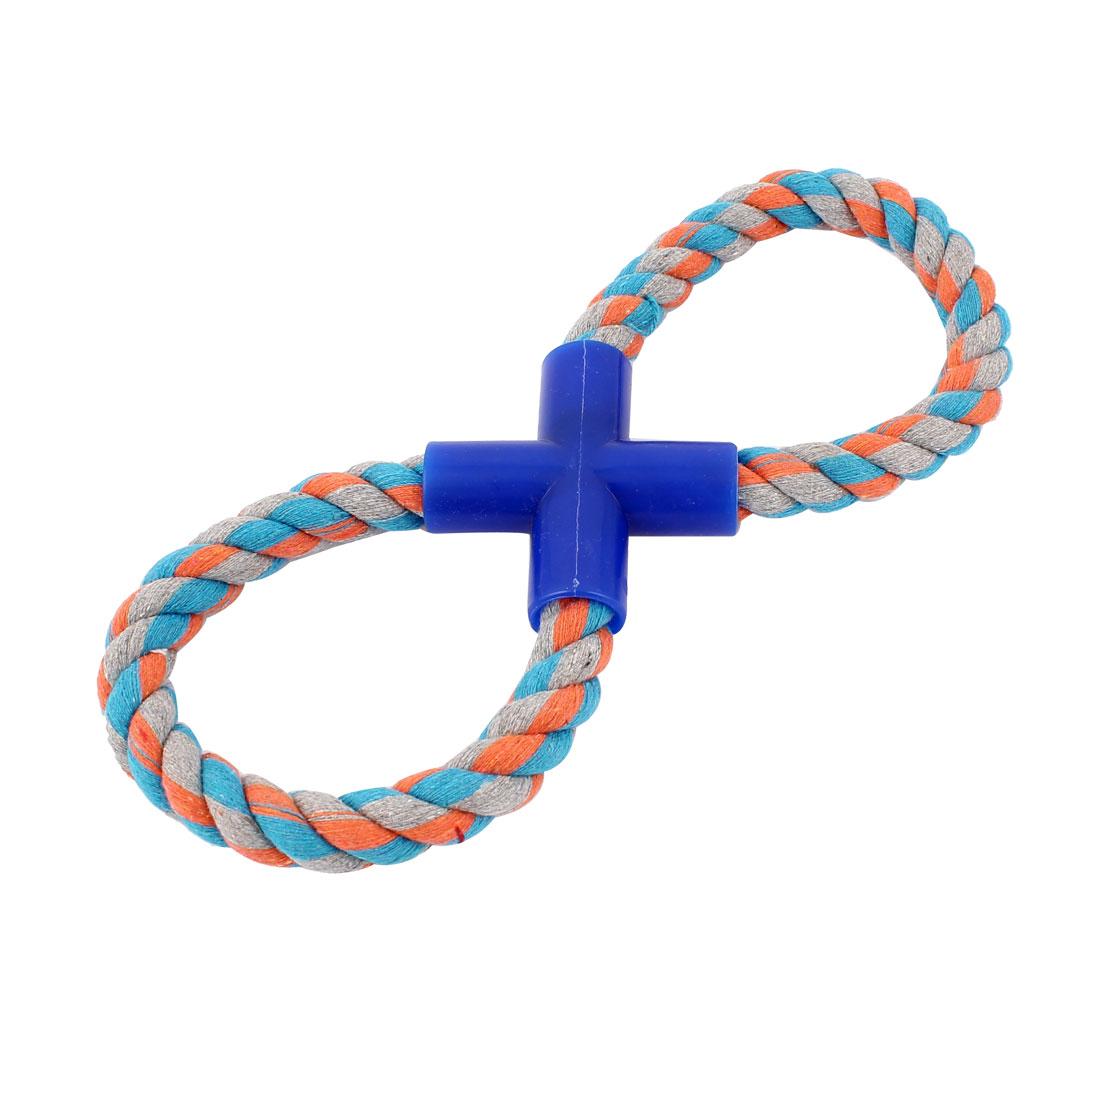 Blue Orange Gray Pet Dog Figure 8 Shape Rope Training Tug Chew Toy